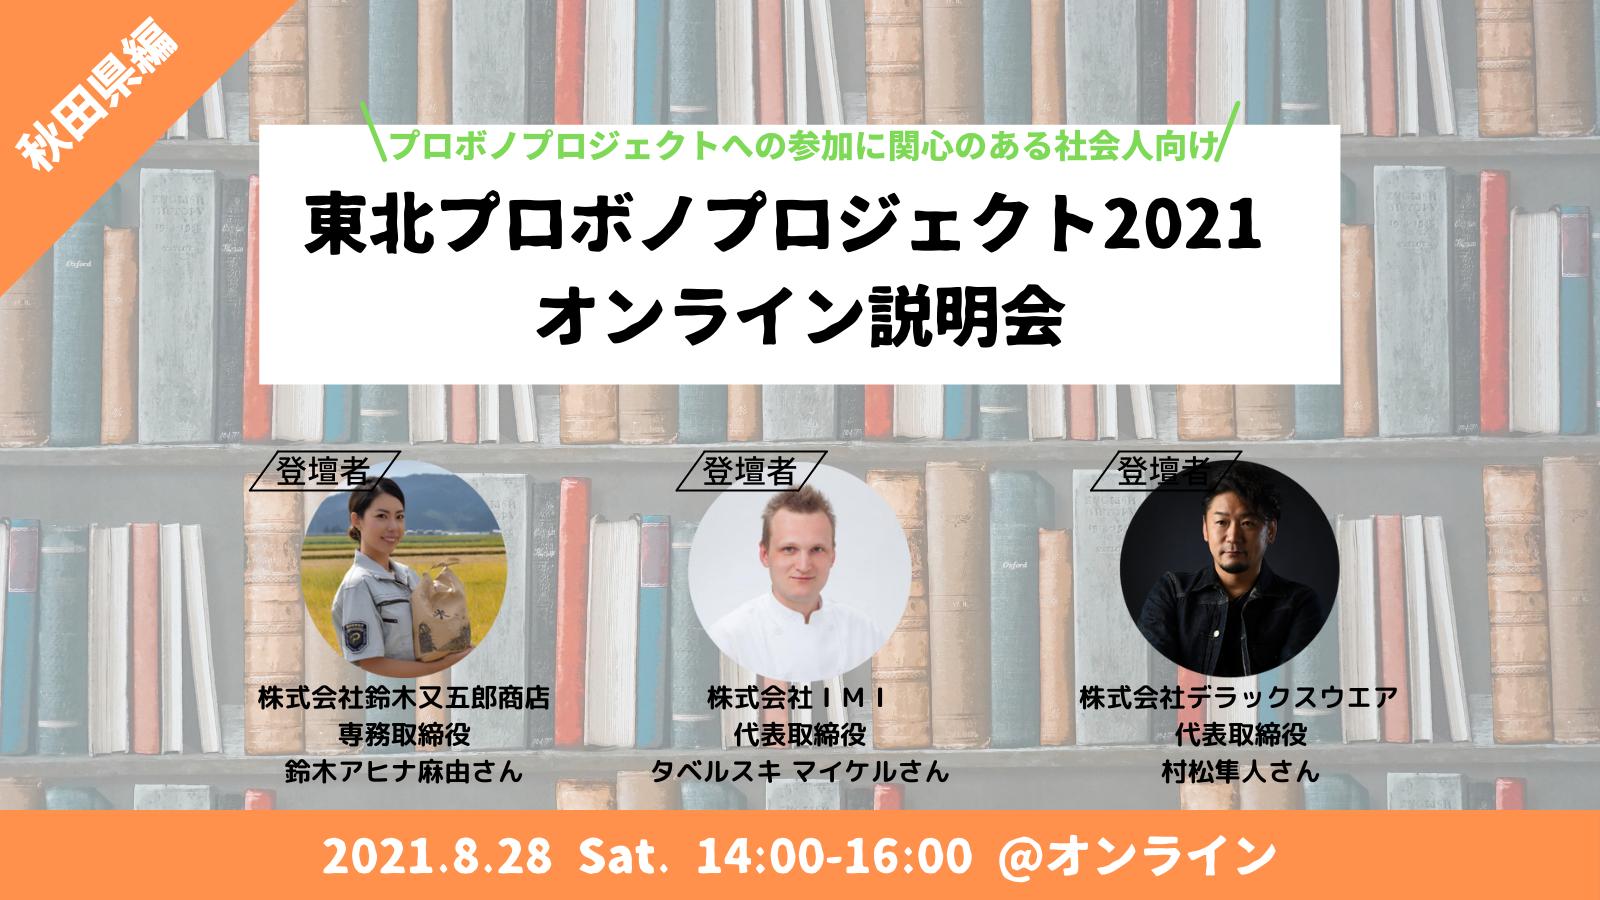 東北プロボノプロジェクト2021 =秋田県編= オンライン説明会